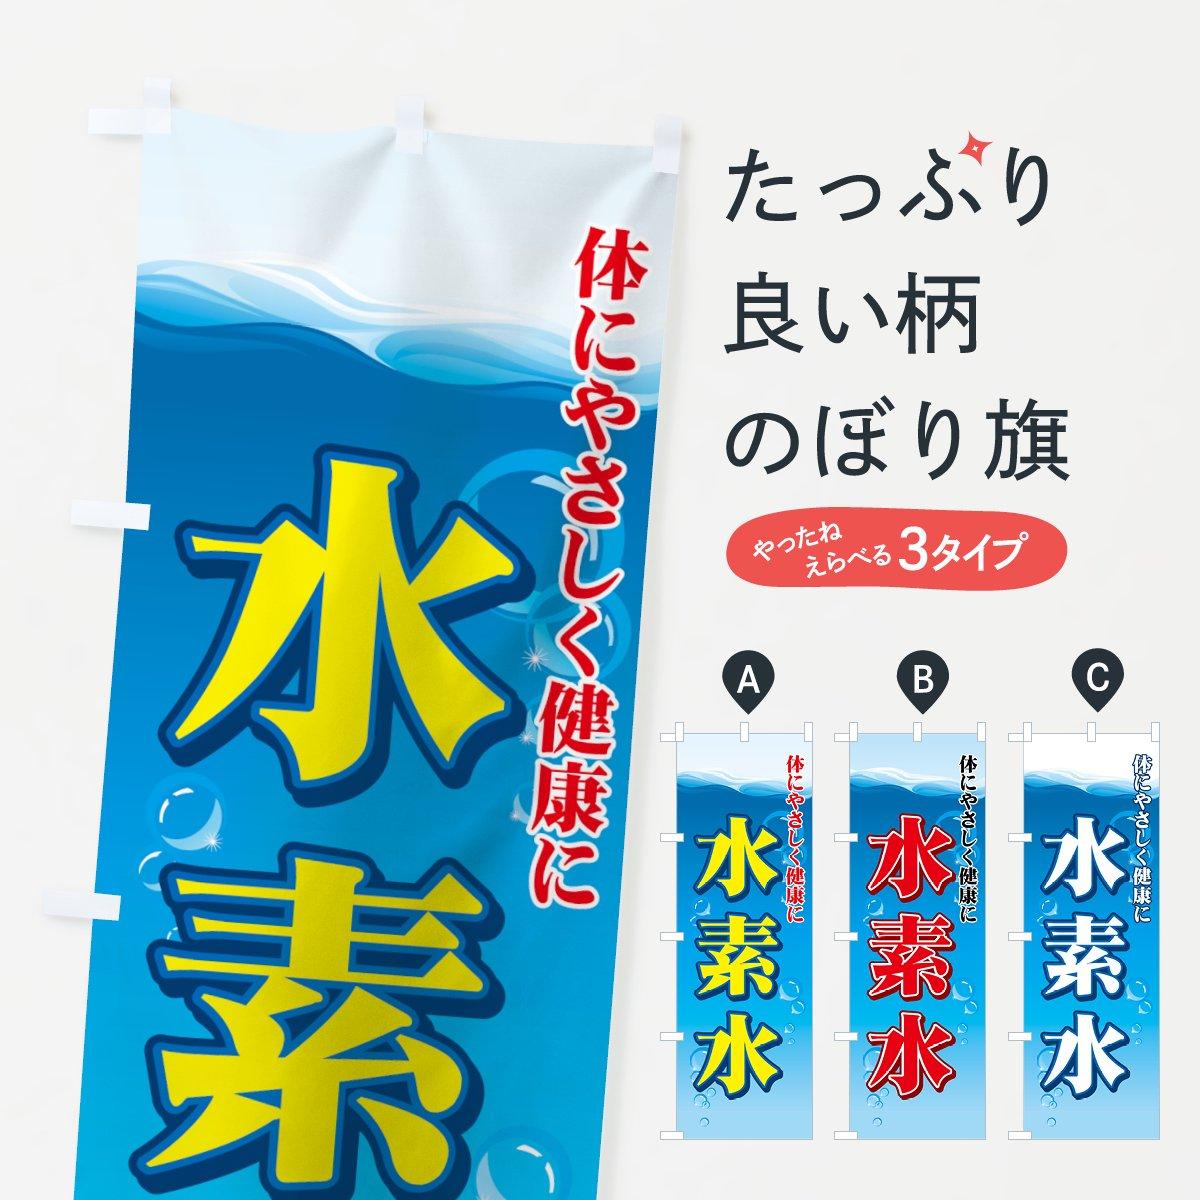 水素水のぼり旗【屋台・出店・ファーストフード】[販売所・出店]